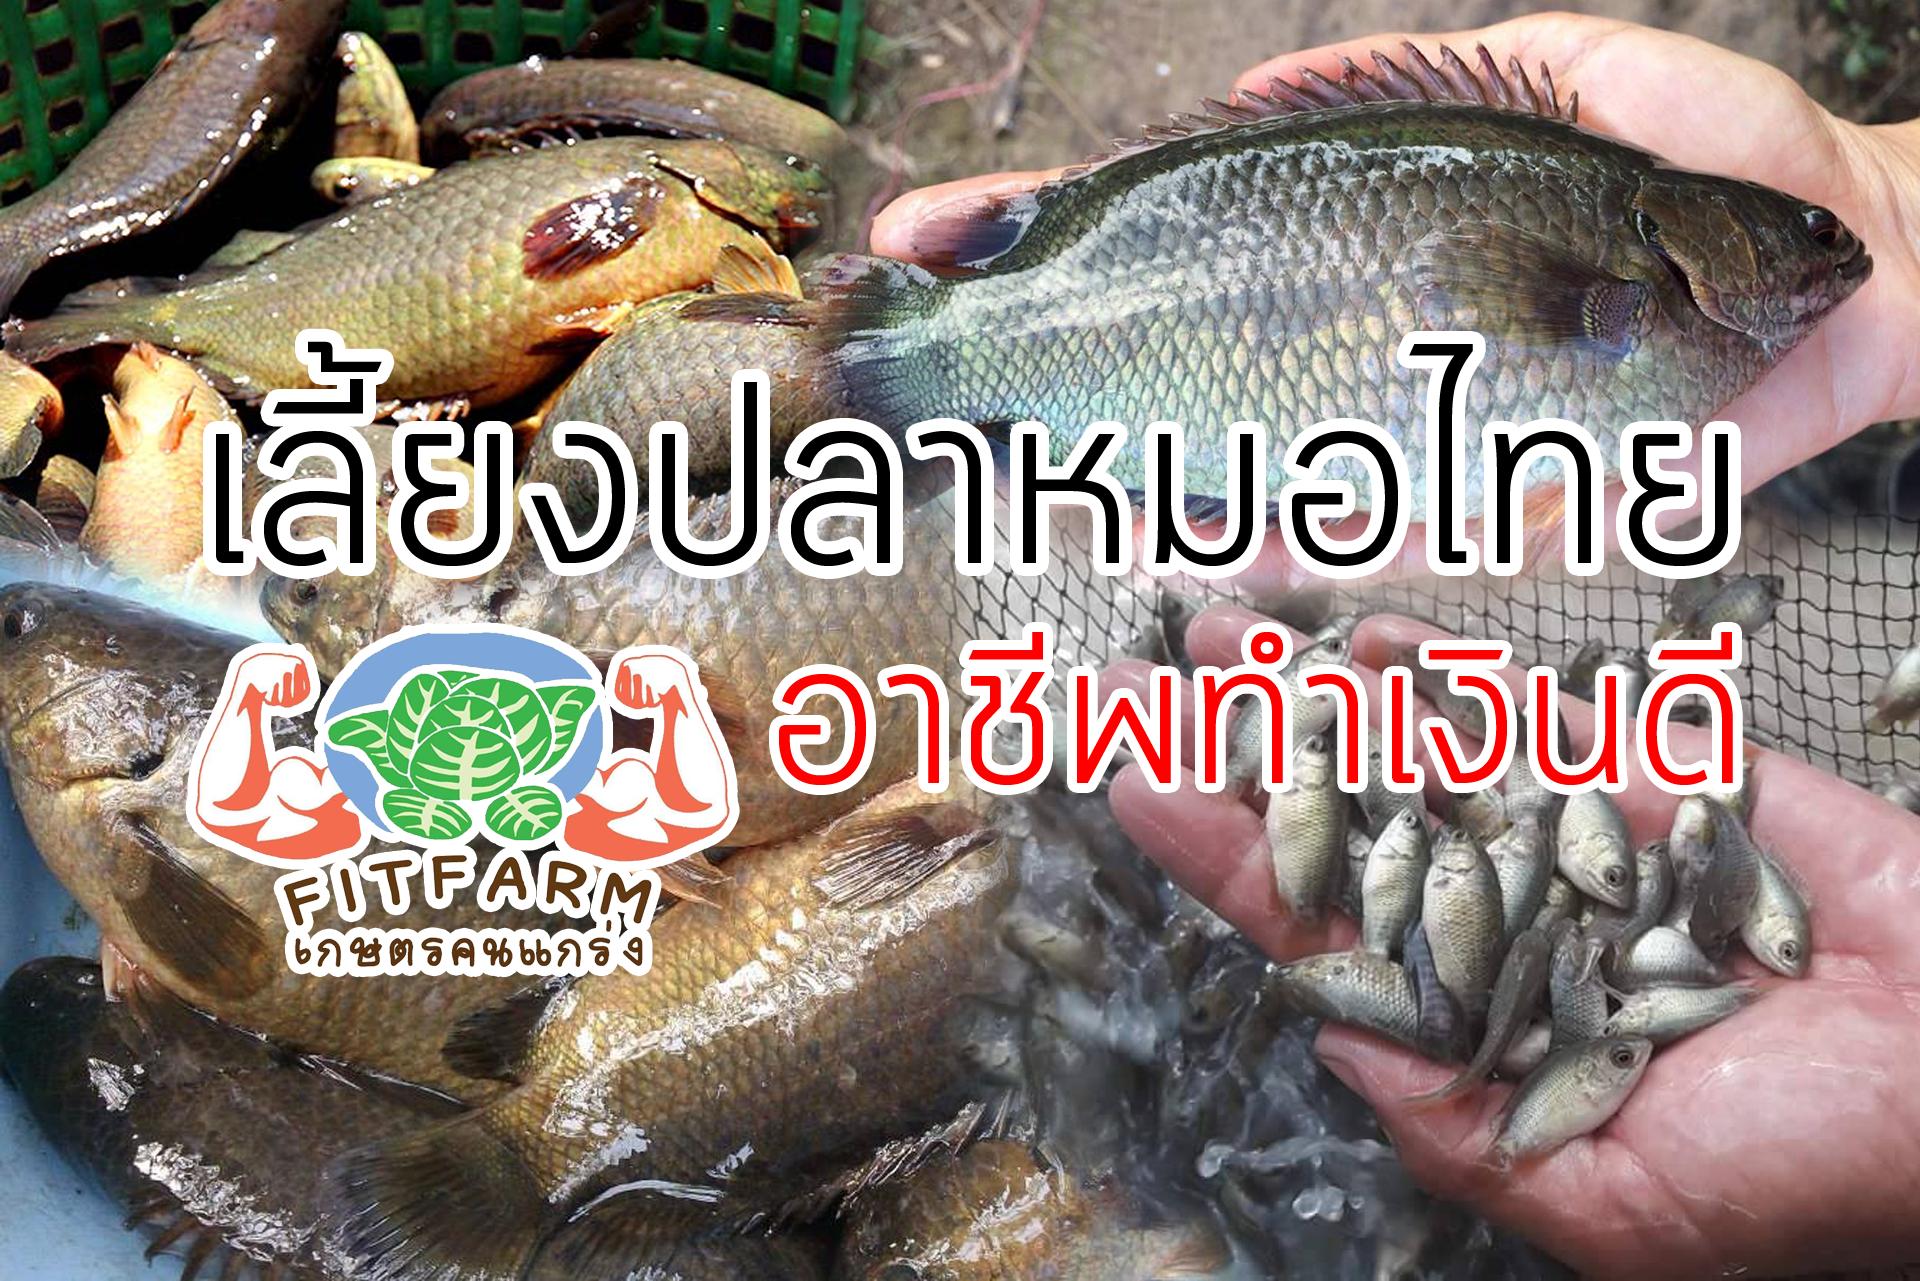 เลี้ยงปลาหมอไทยอาชีพทำเงินดี